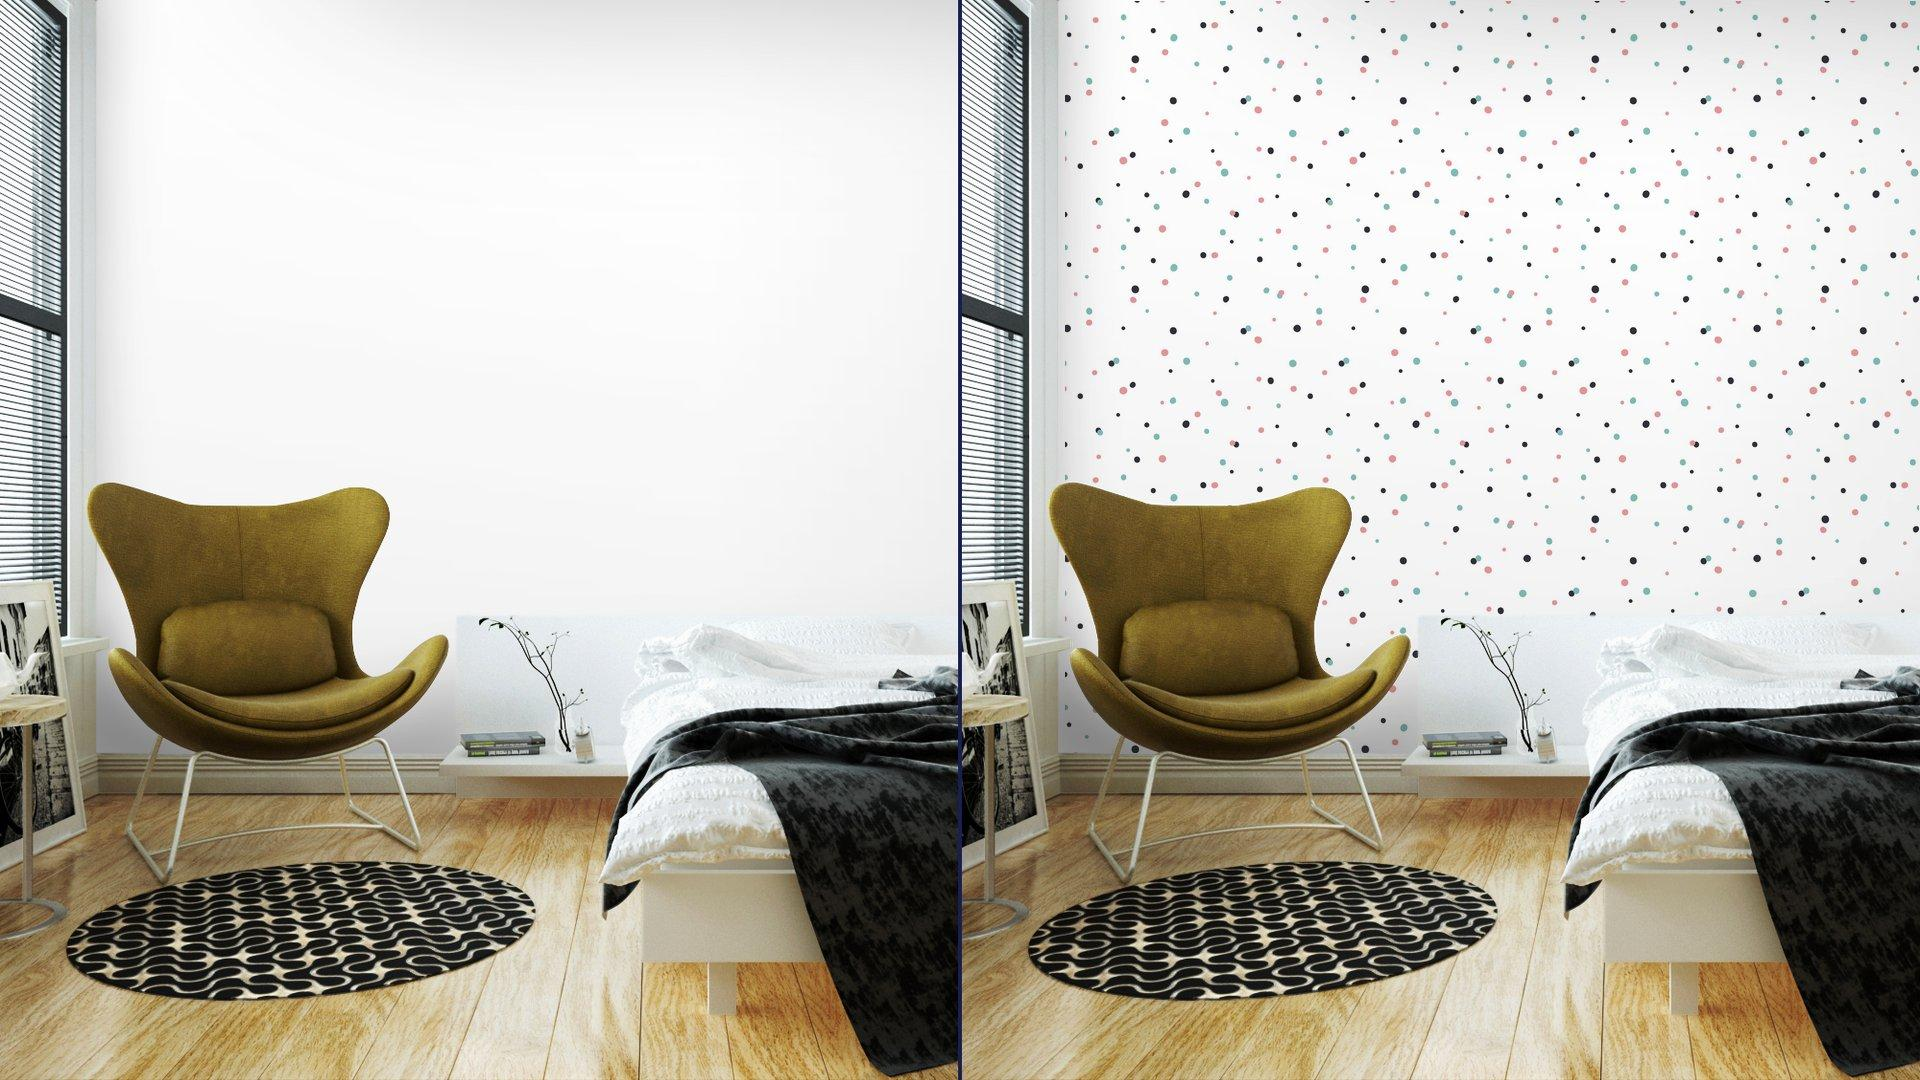 Fotomurales mexico papeles pintados autoadhesivos patron abstracto sobre fondo blanco con negro y gol 2 1 - Papel Tapiz Puntos de Colores en Fondo Blanco 02